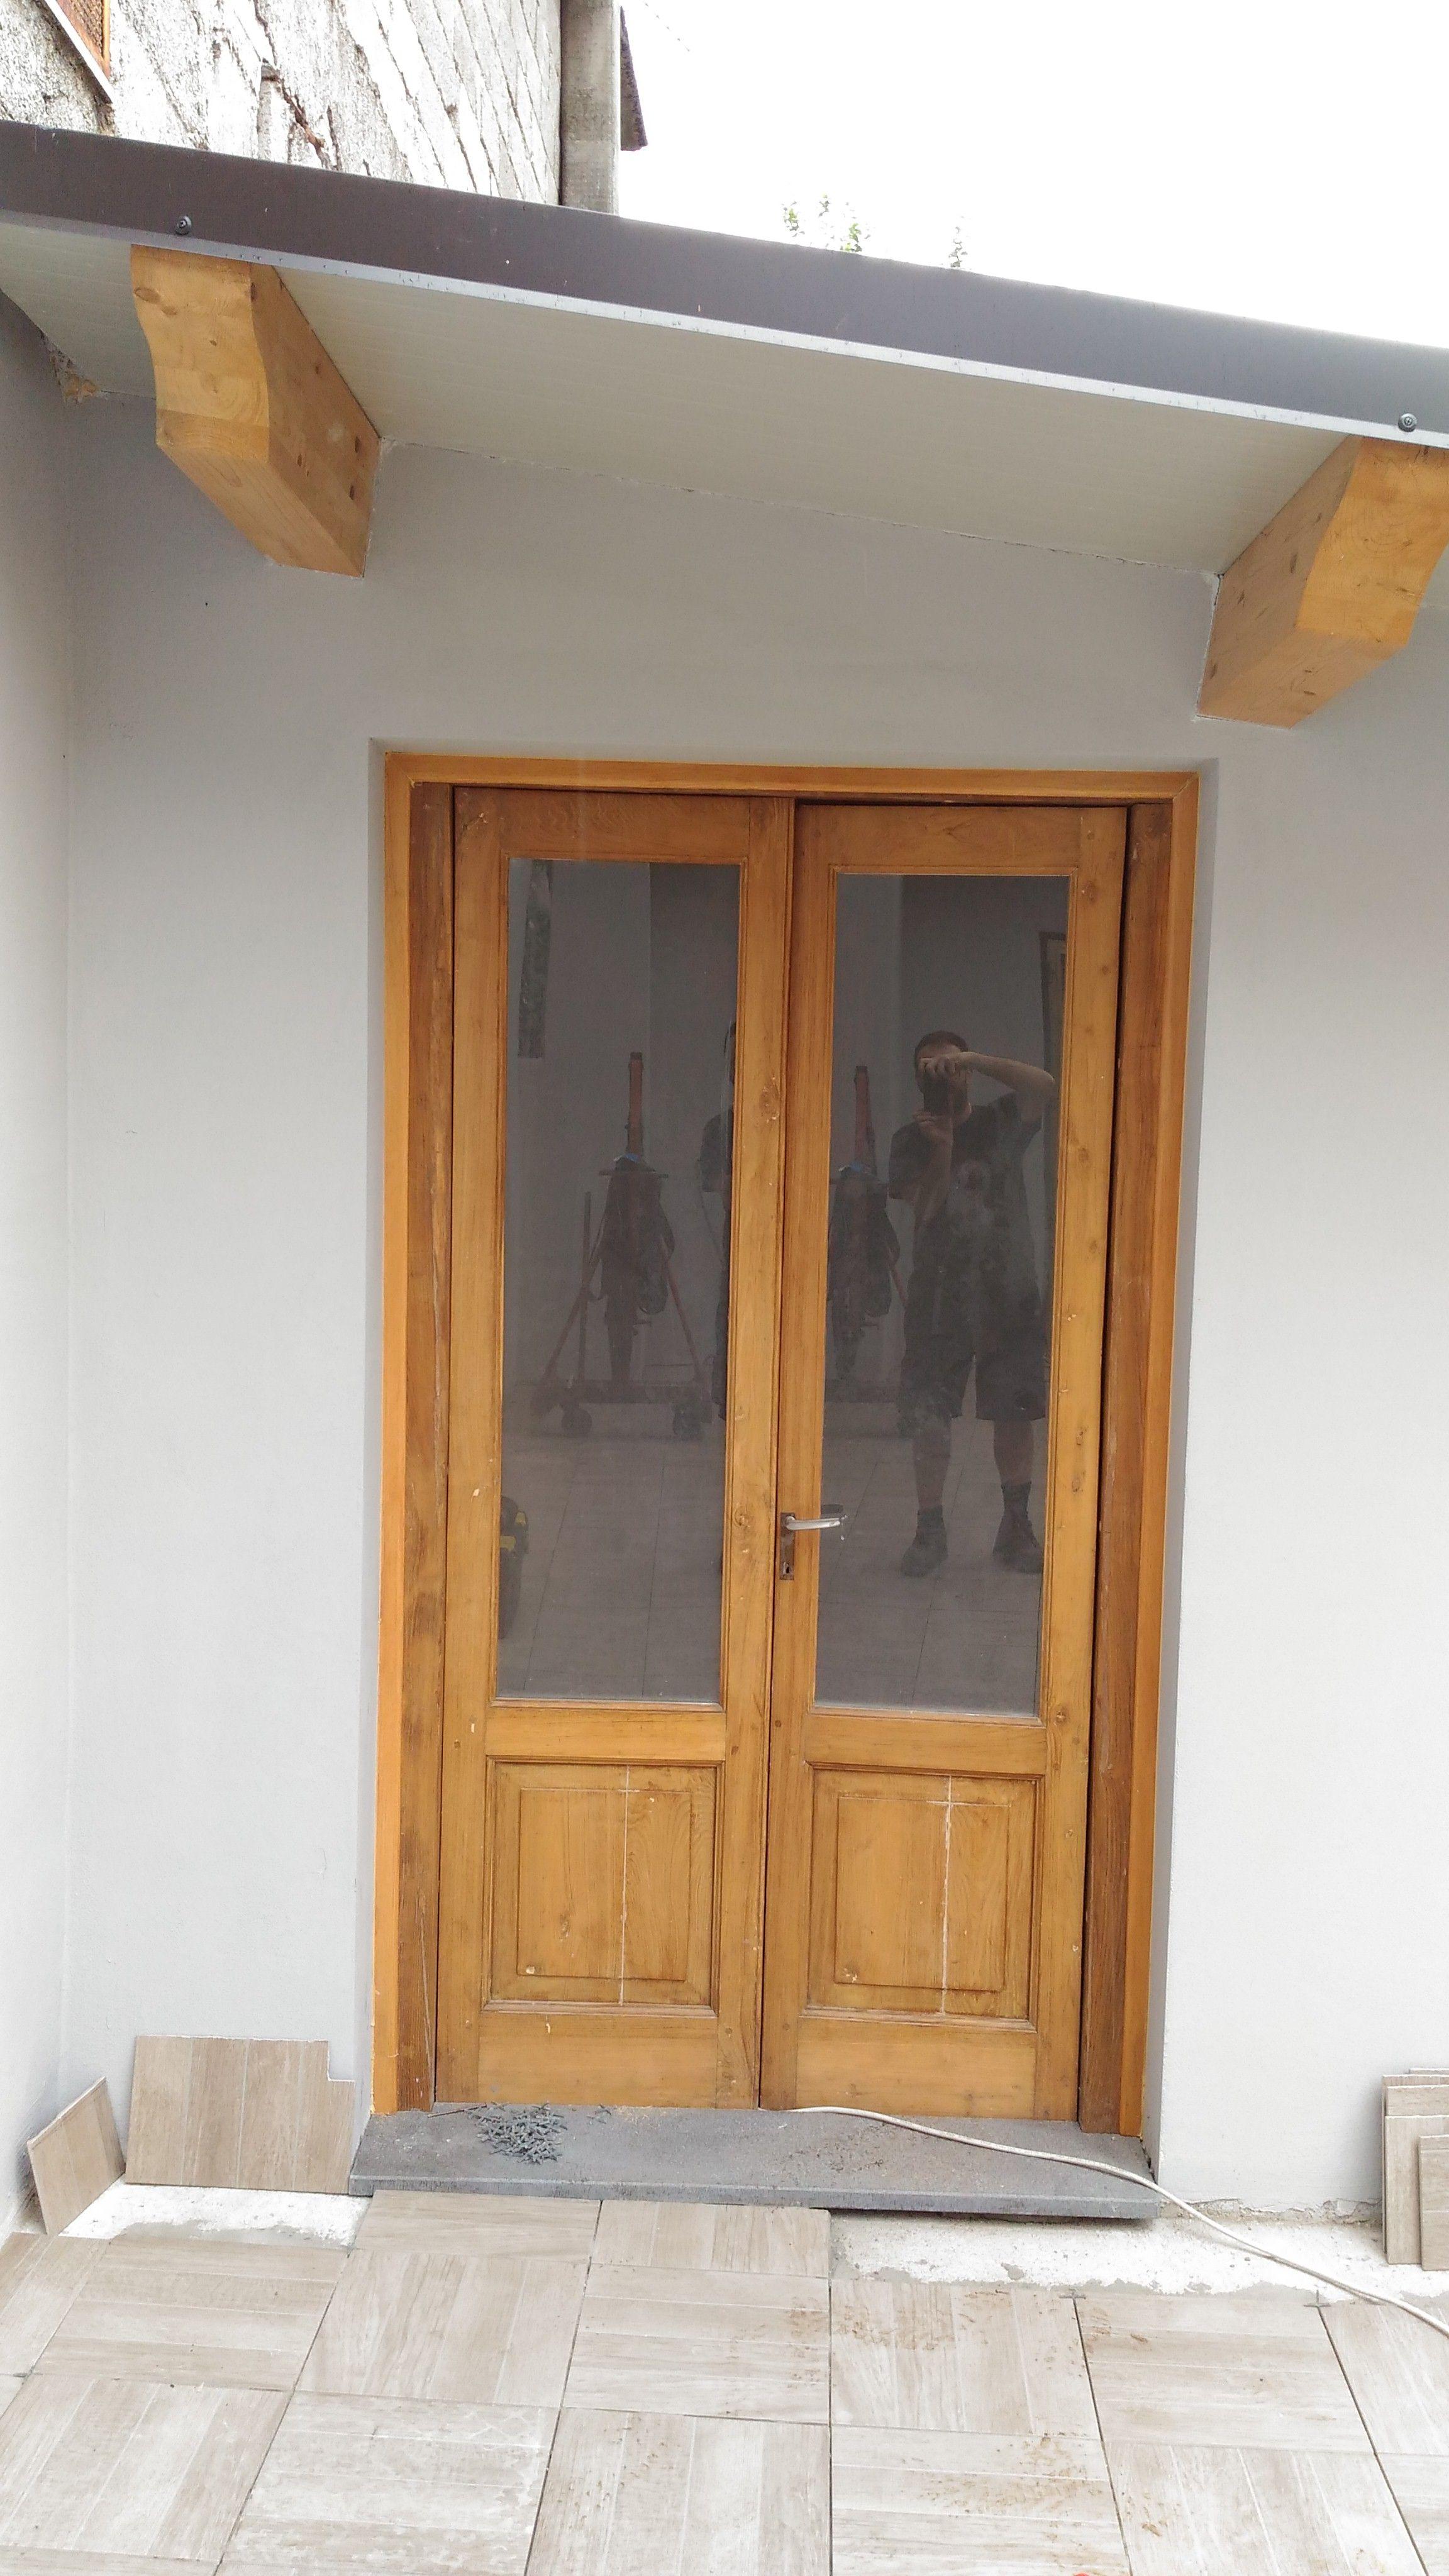 Come Restaurare Una Porta Di Legno.Ristrutturazione Di Un Infisso Ed Una Porta In Legno Di Castagno